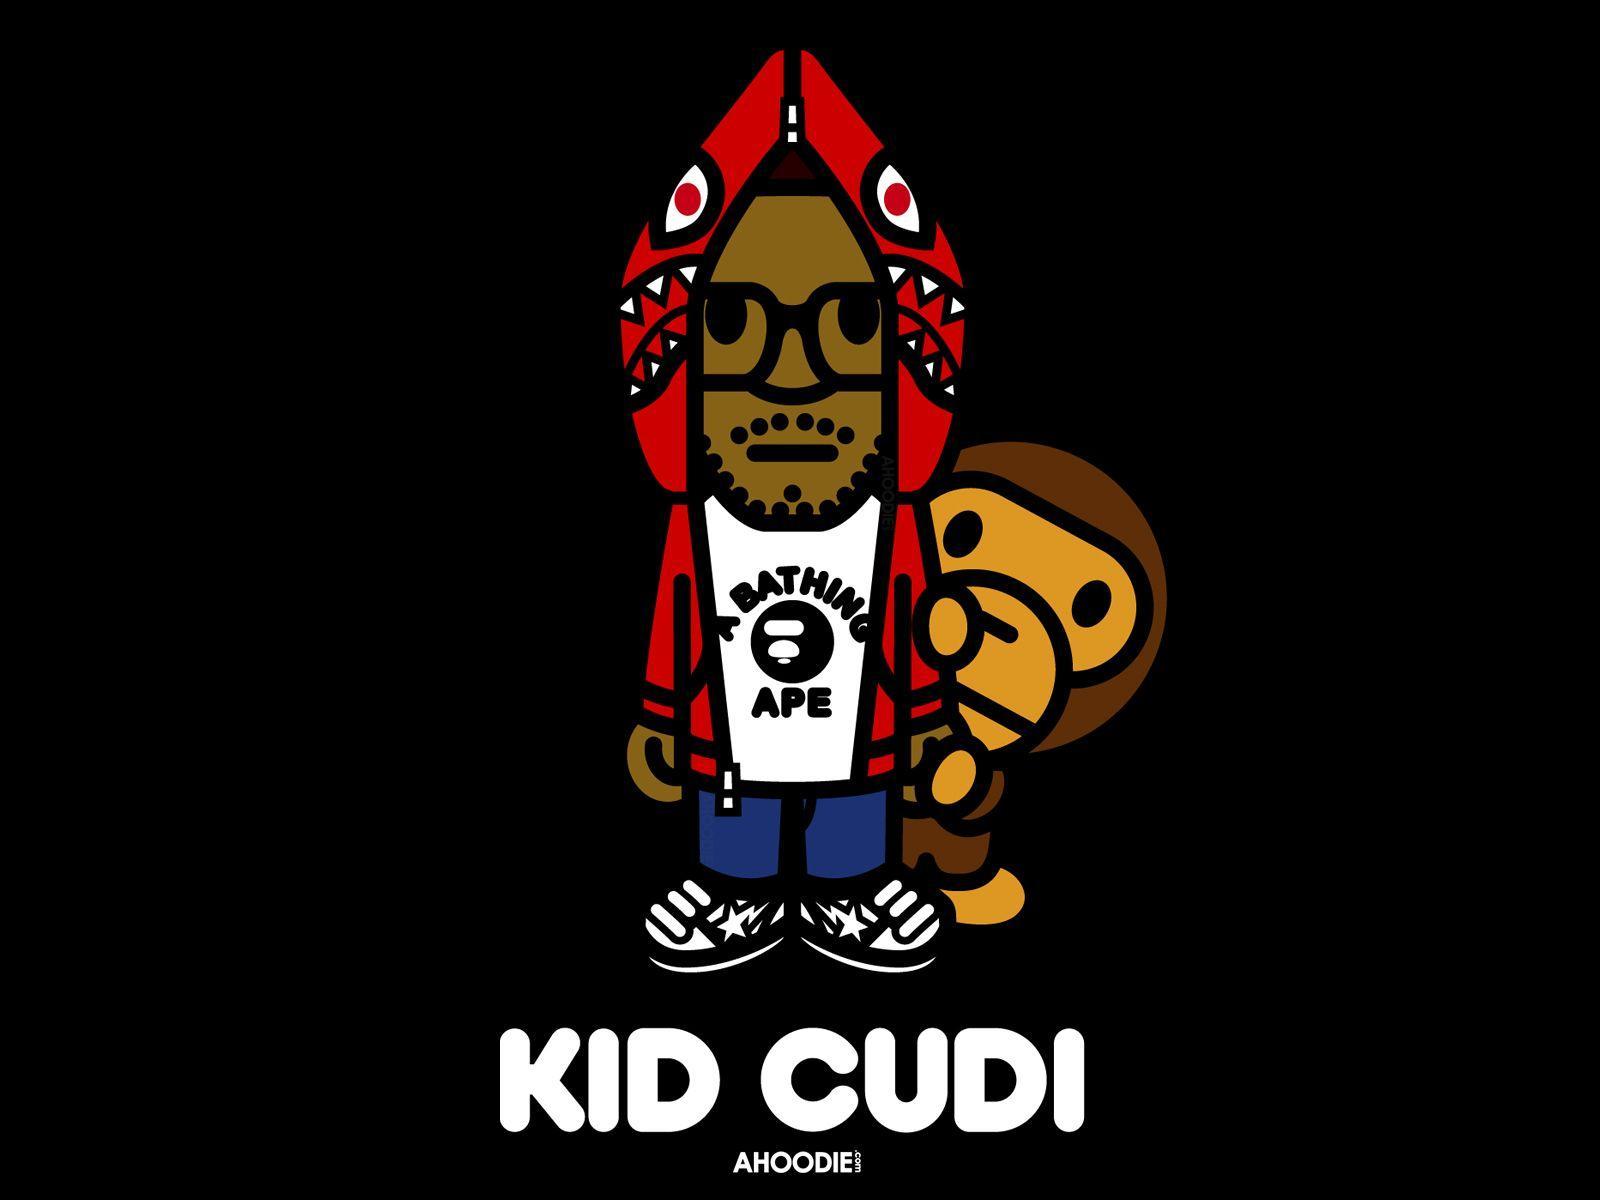 kid cudi wallpapers 1080p wallpaper cave